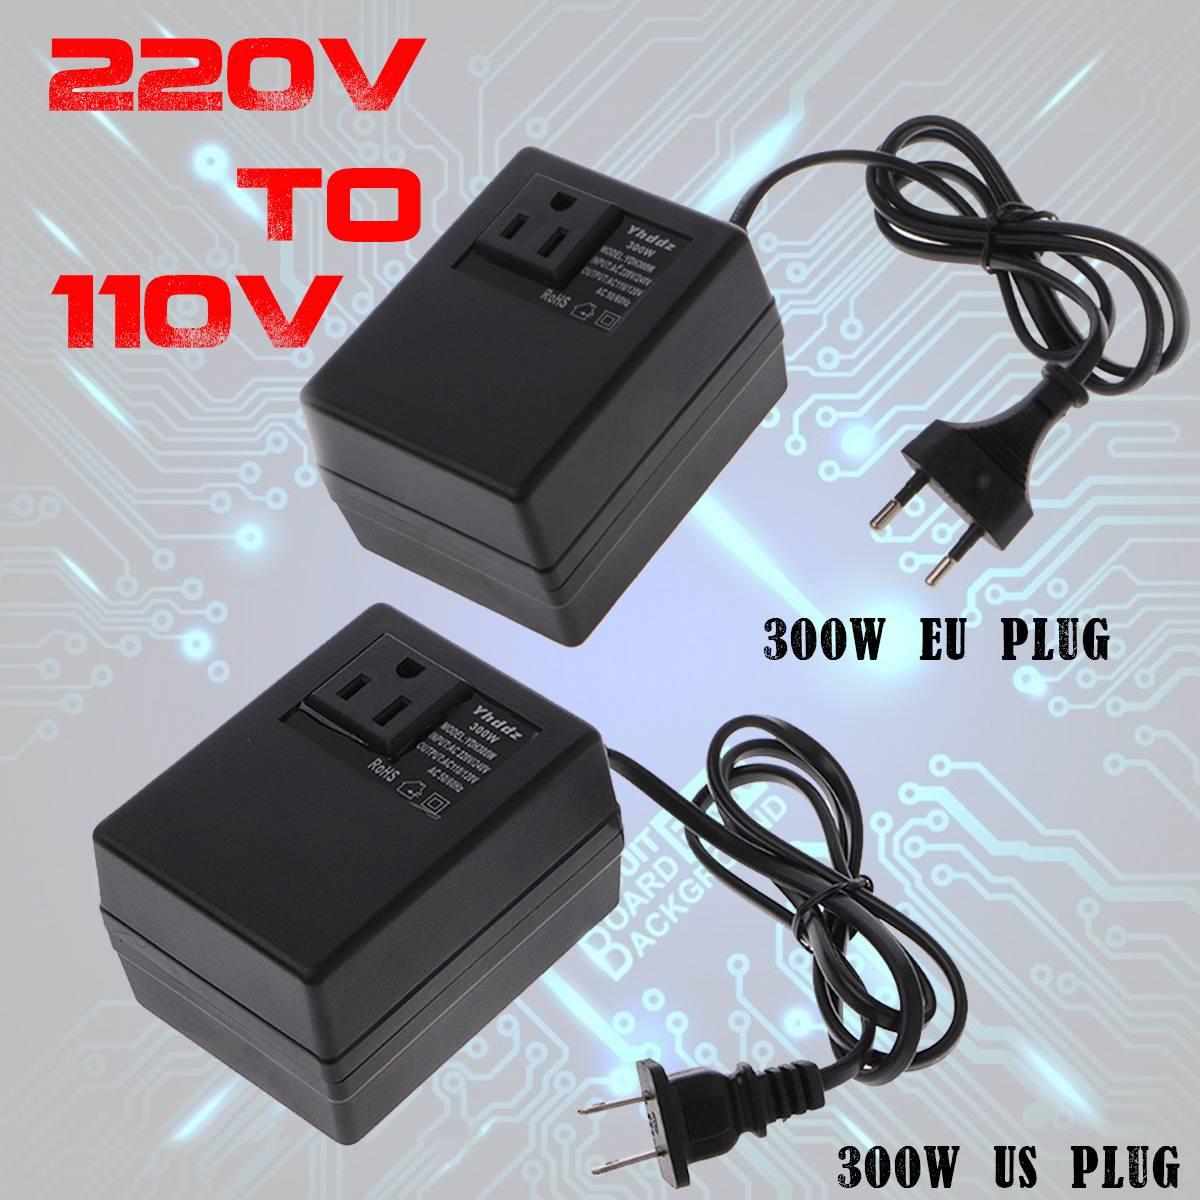 300 Вт преобразователь напряжения трансформатор понижающий 220 В до 110 В переменного тока понижающий трансформатор для путешествий преобразо...